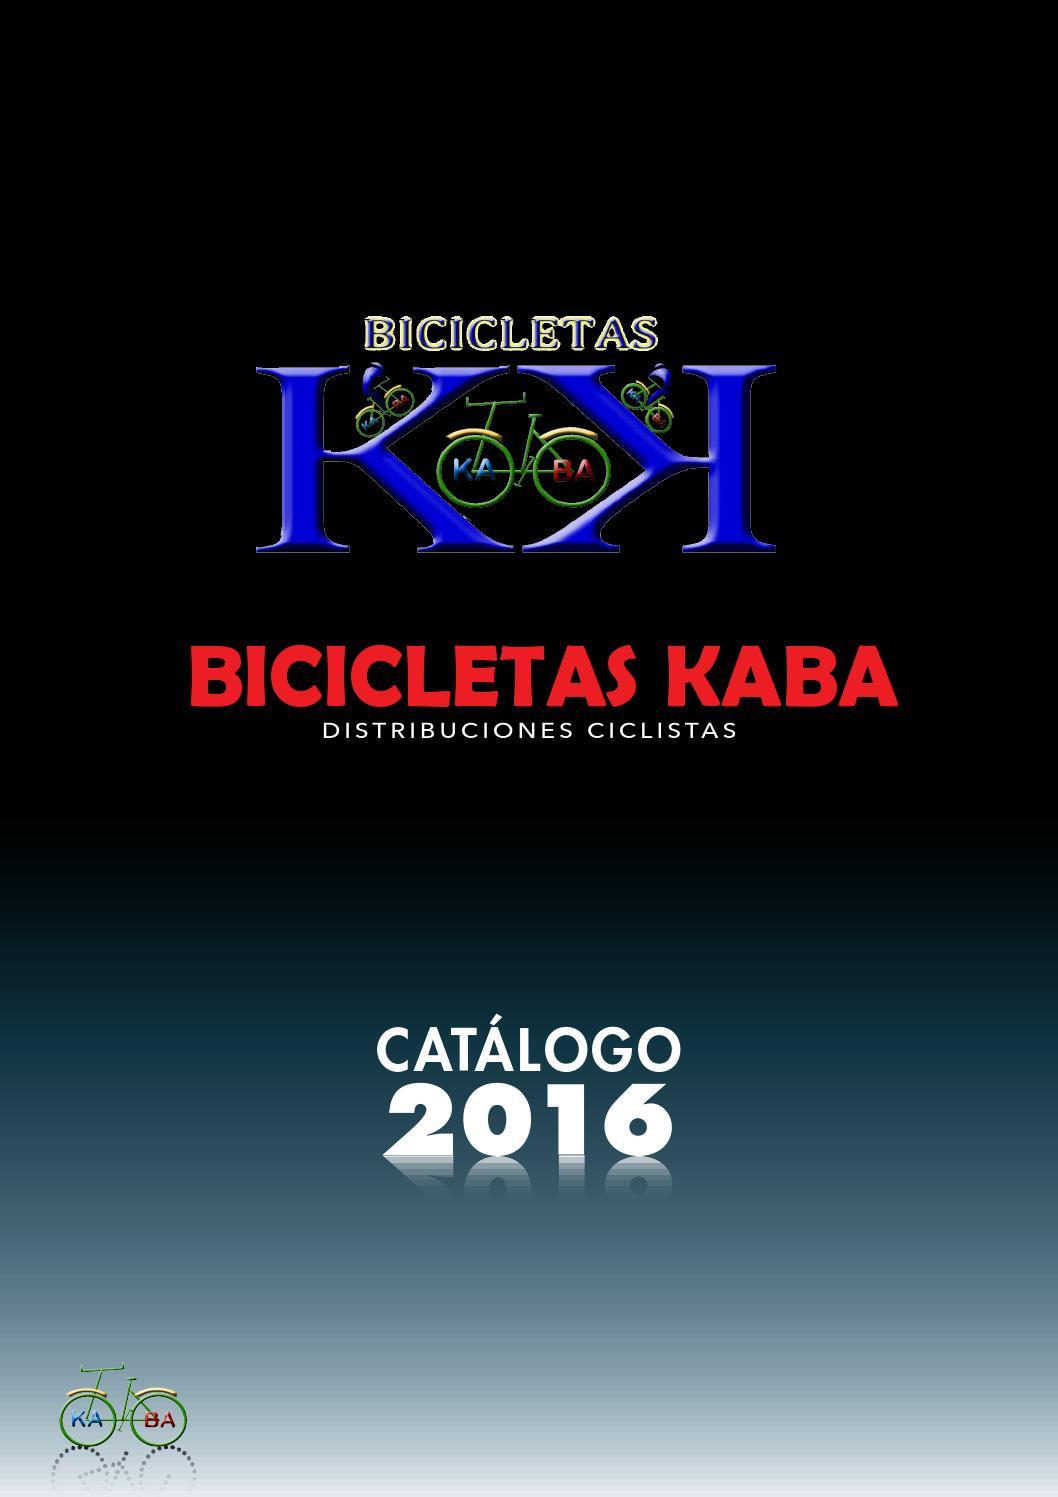 Catálogo bicicletas kaba 2016 by Bicicletas Kaba - issuu